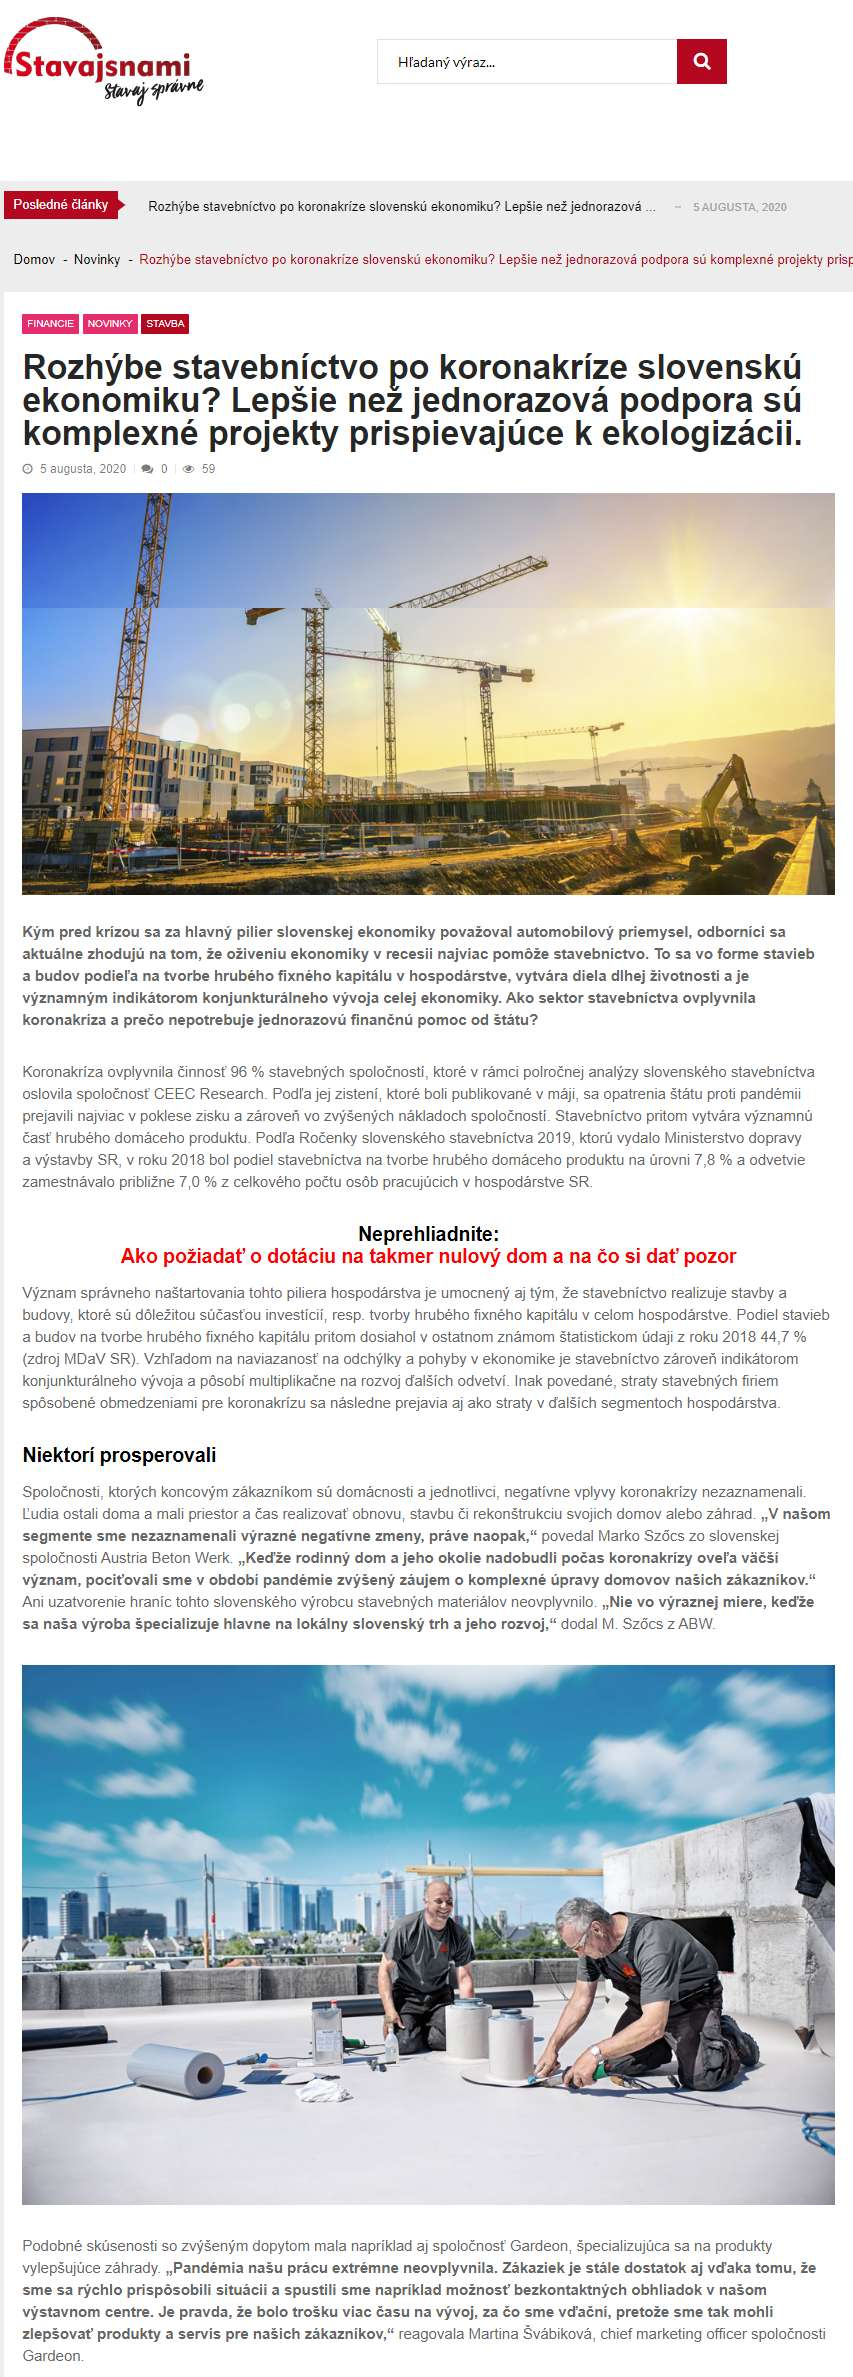 Článok na stavajsnami.sk